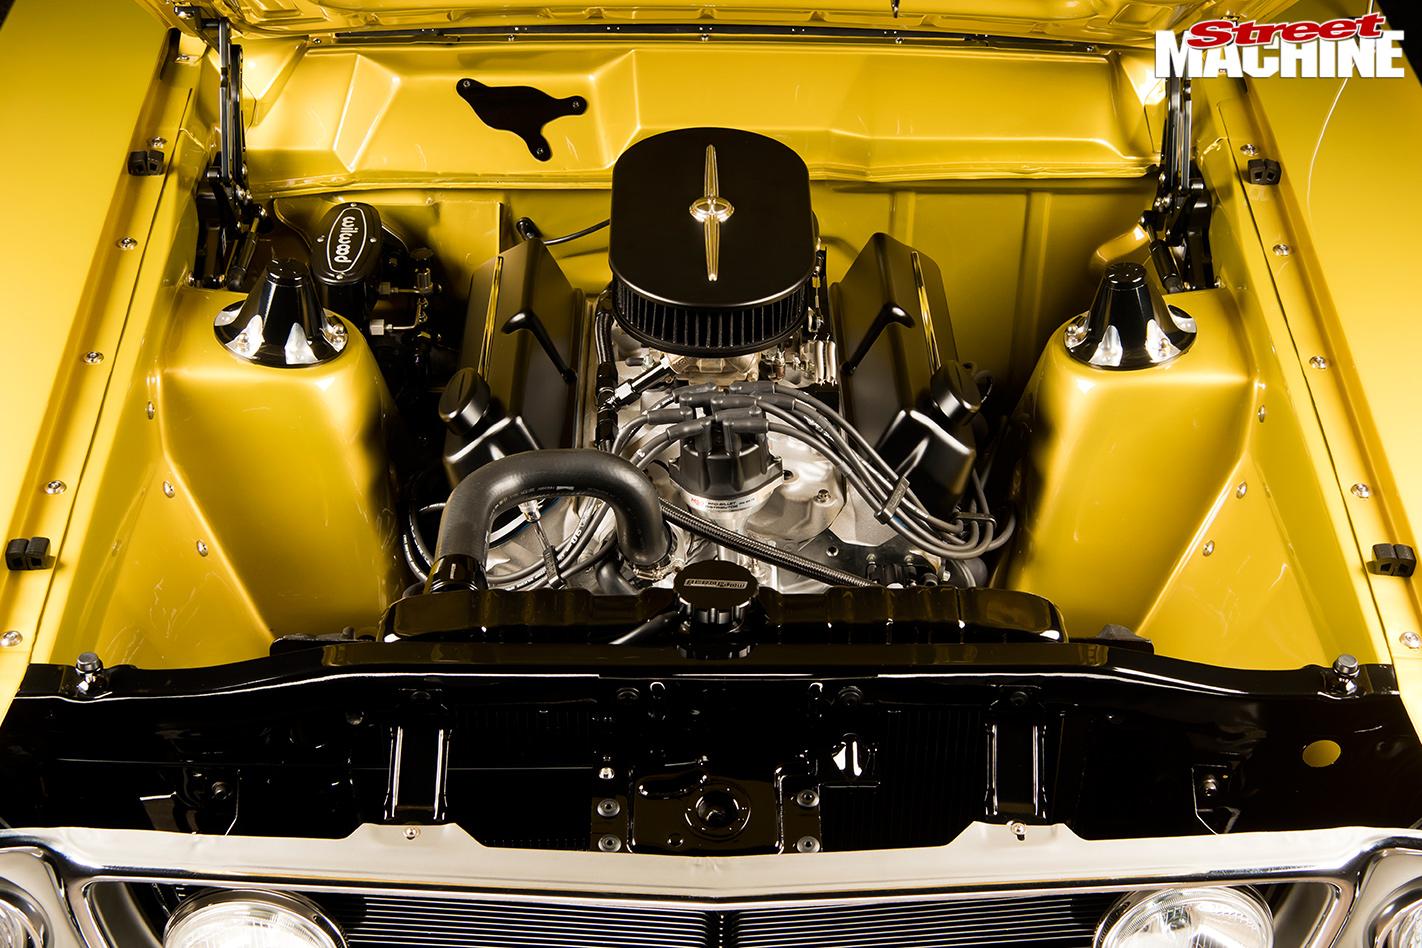 Ford -xw -falcon -engine -bay